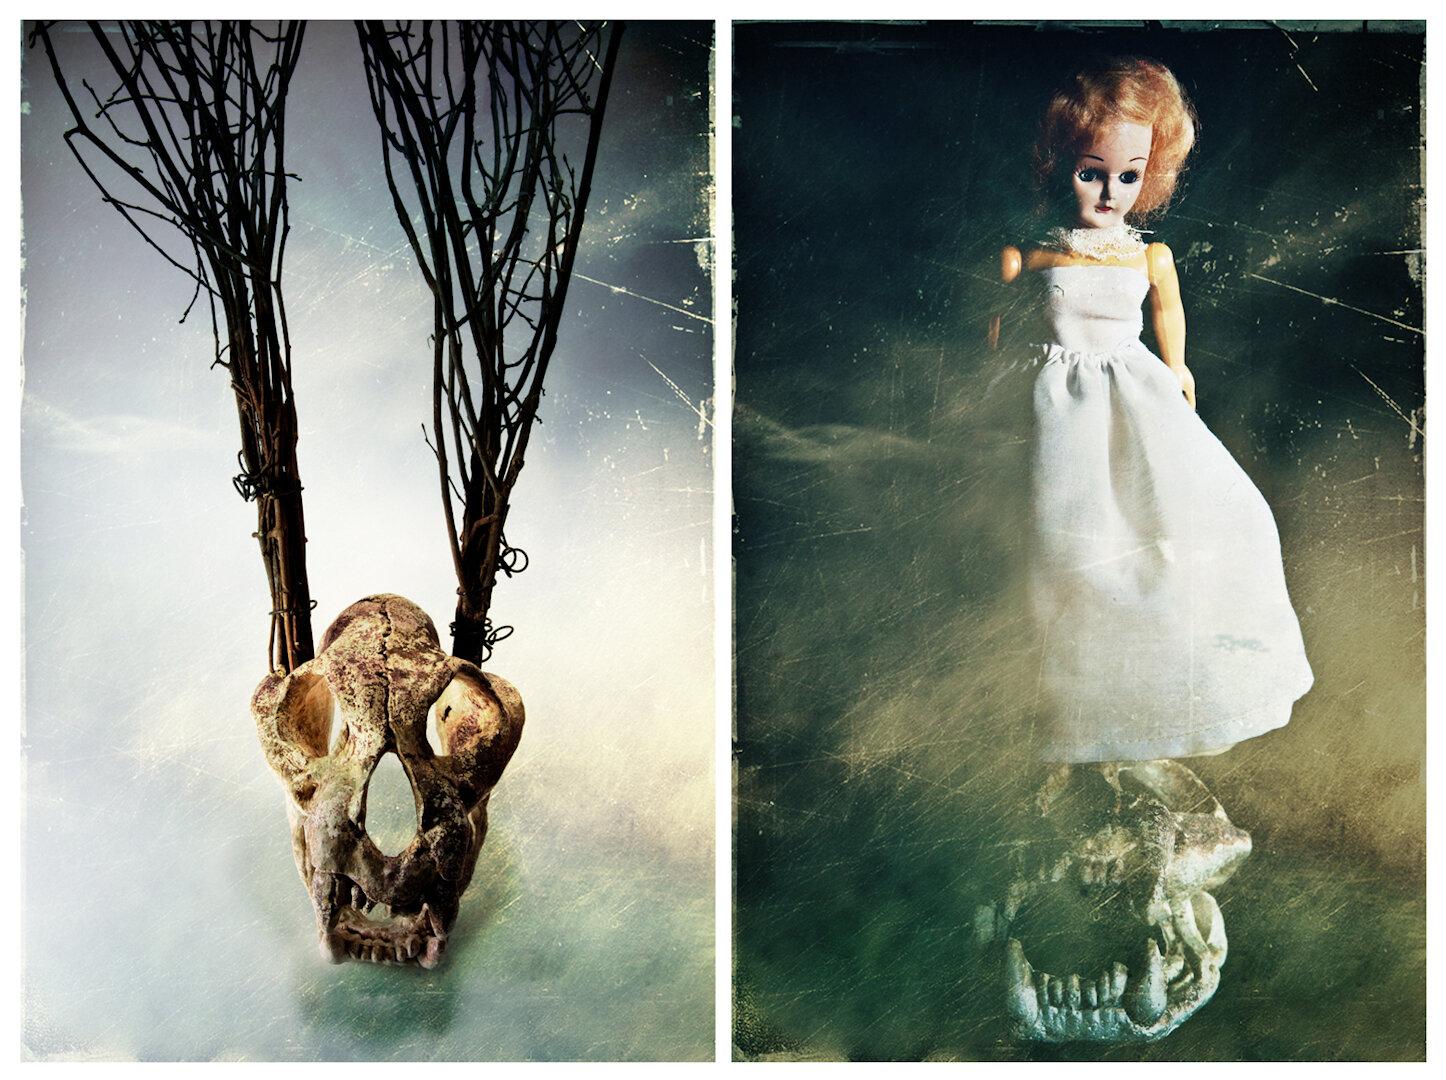 DarknessAtNoon_A09_DawnBlanchfield.jpg